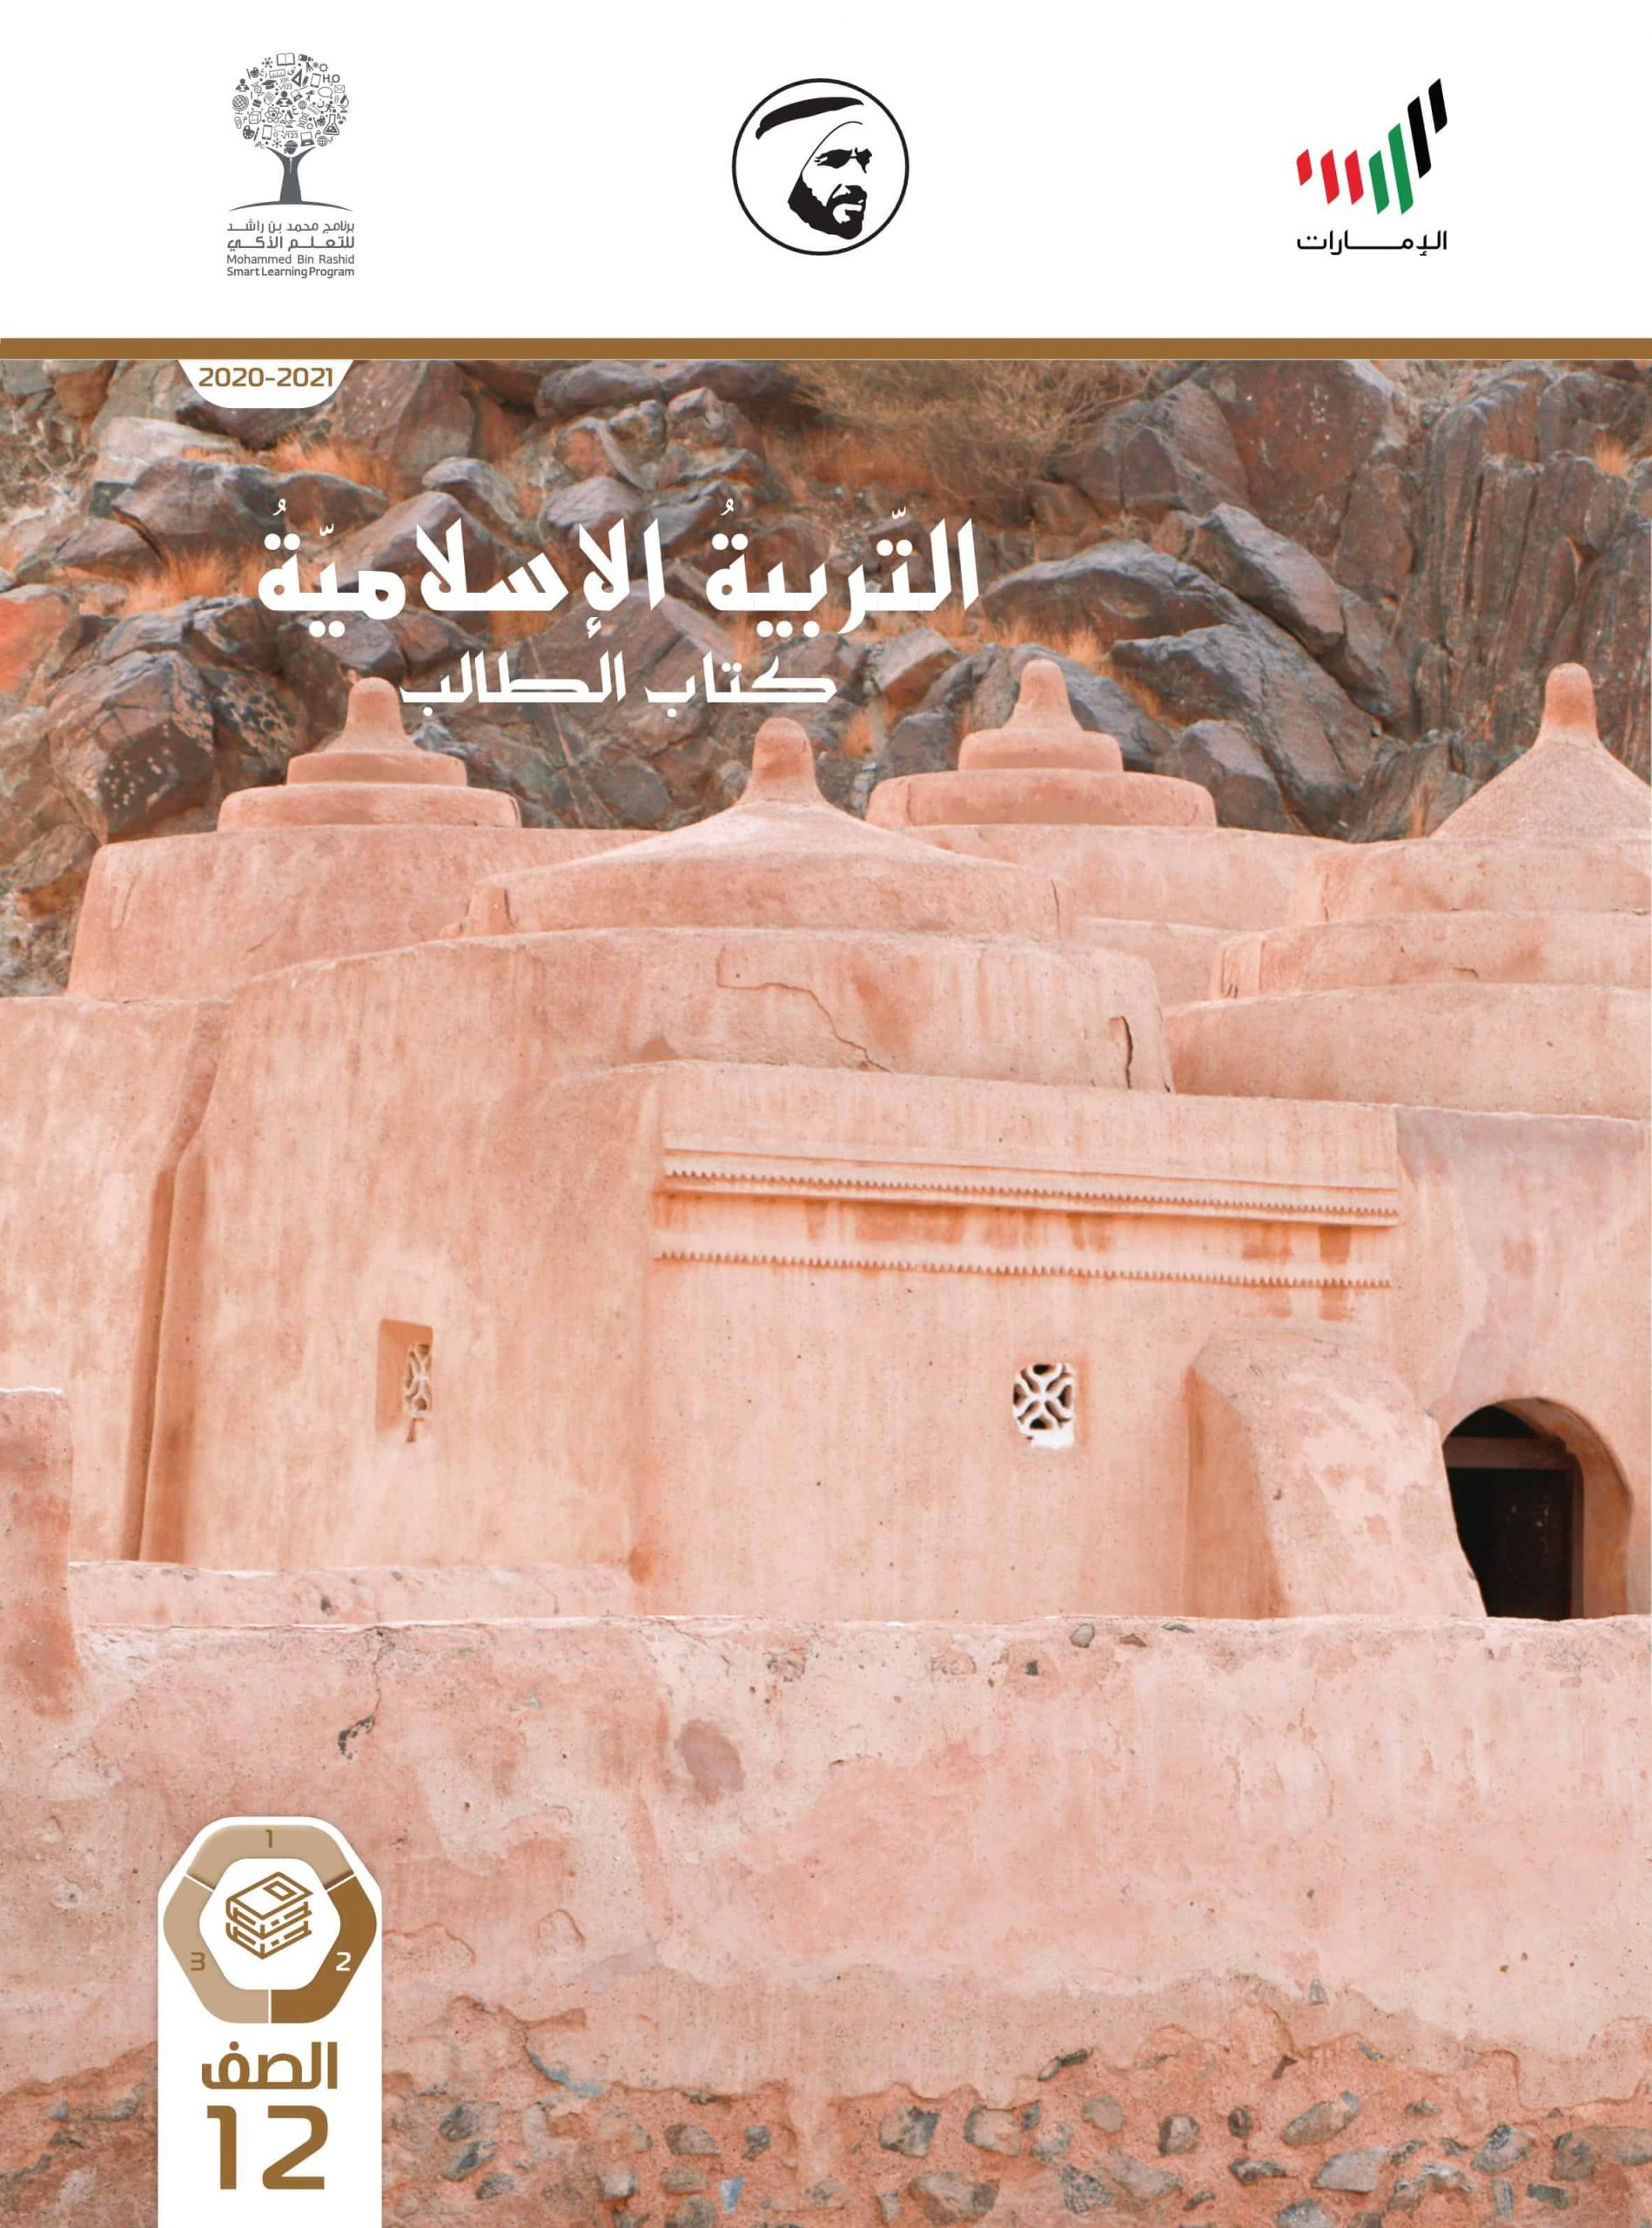 كتاب الطالب الفصل الدراسي الثاني 2020-2021 الصف الثاني عشر مادة التربية الاسلامية